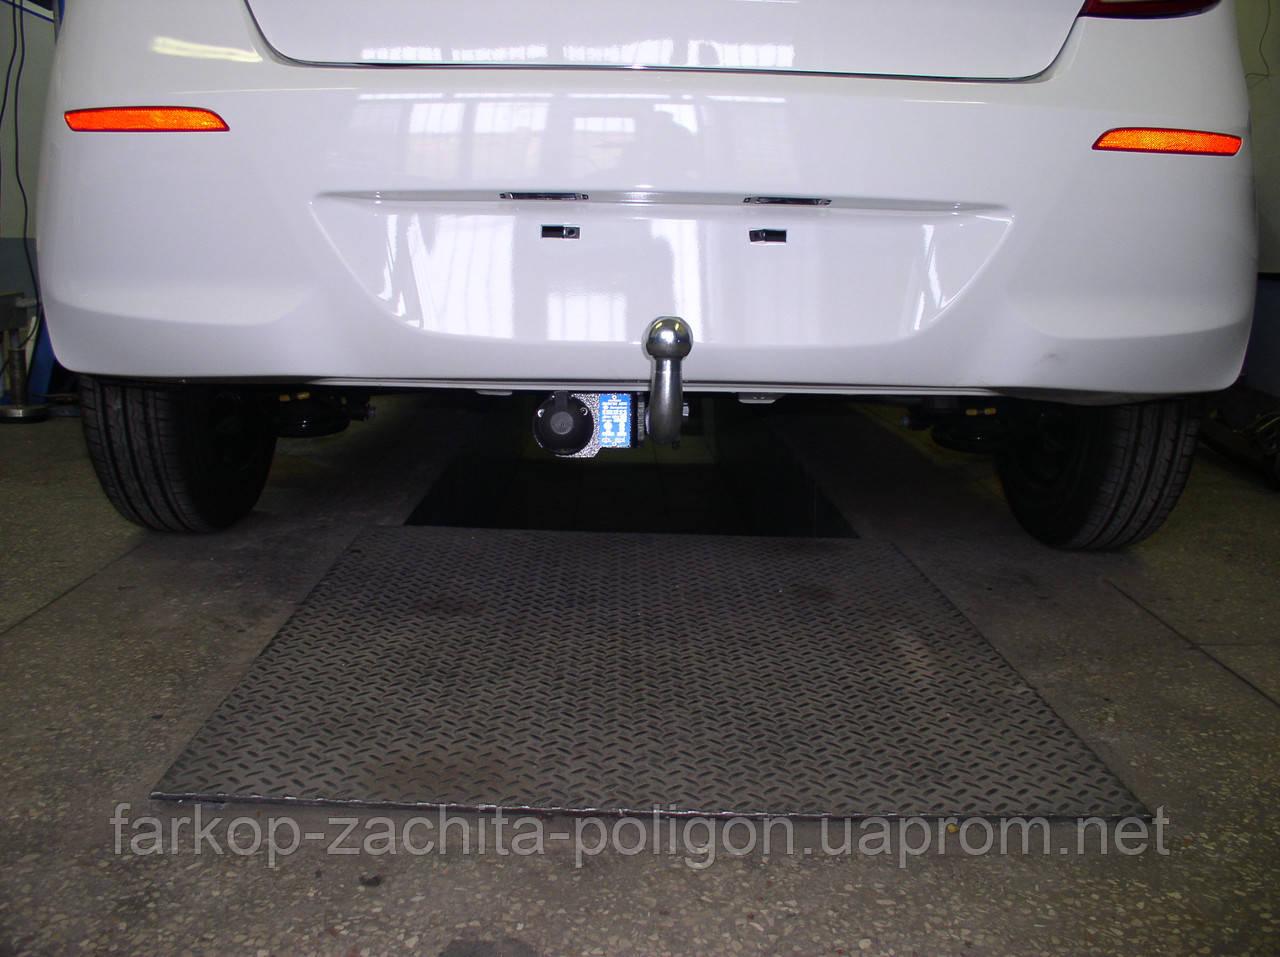 Фаркоп Hyundai I20 (5 дверей хечбек) с 2011 г.